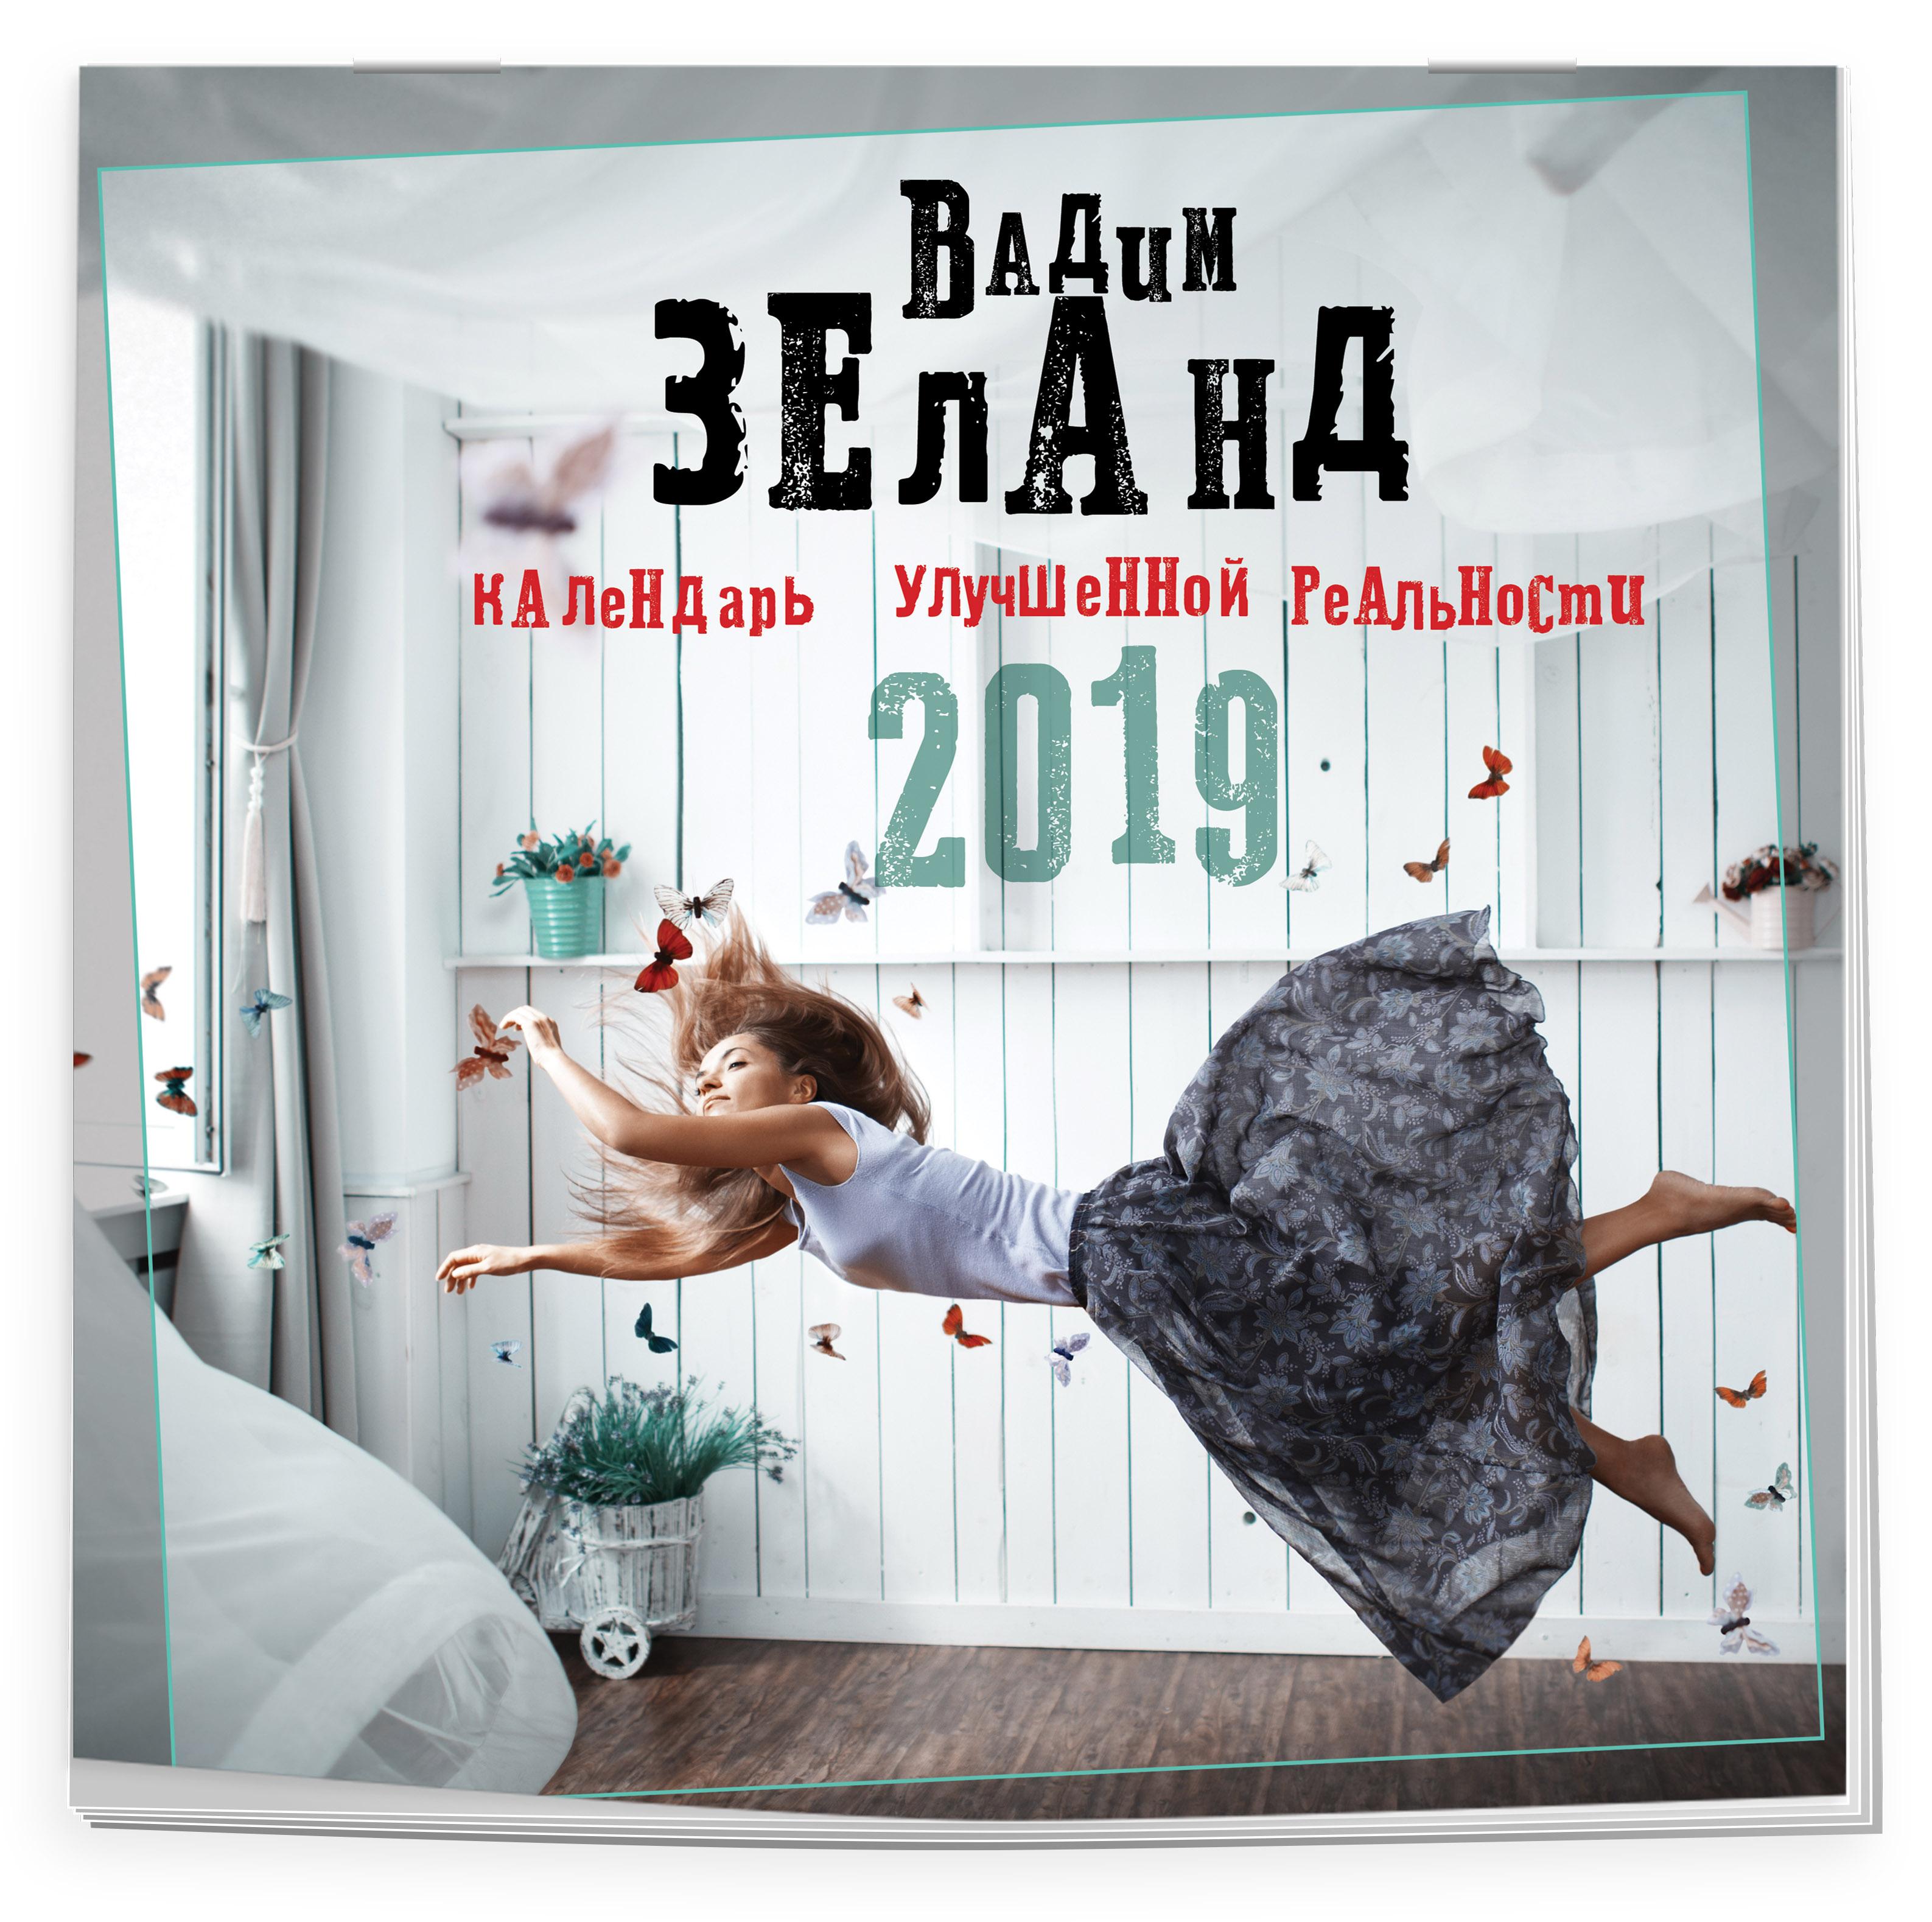 Вадим Зеланд Вадим Зеланд. Календарь улучшенной реальности 2019